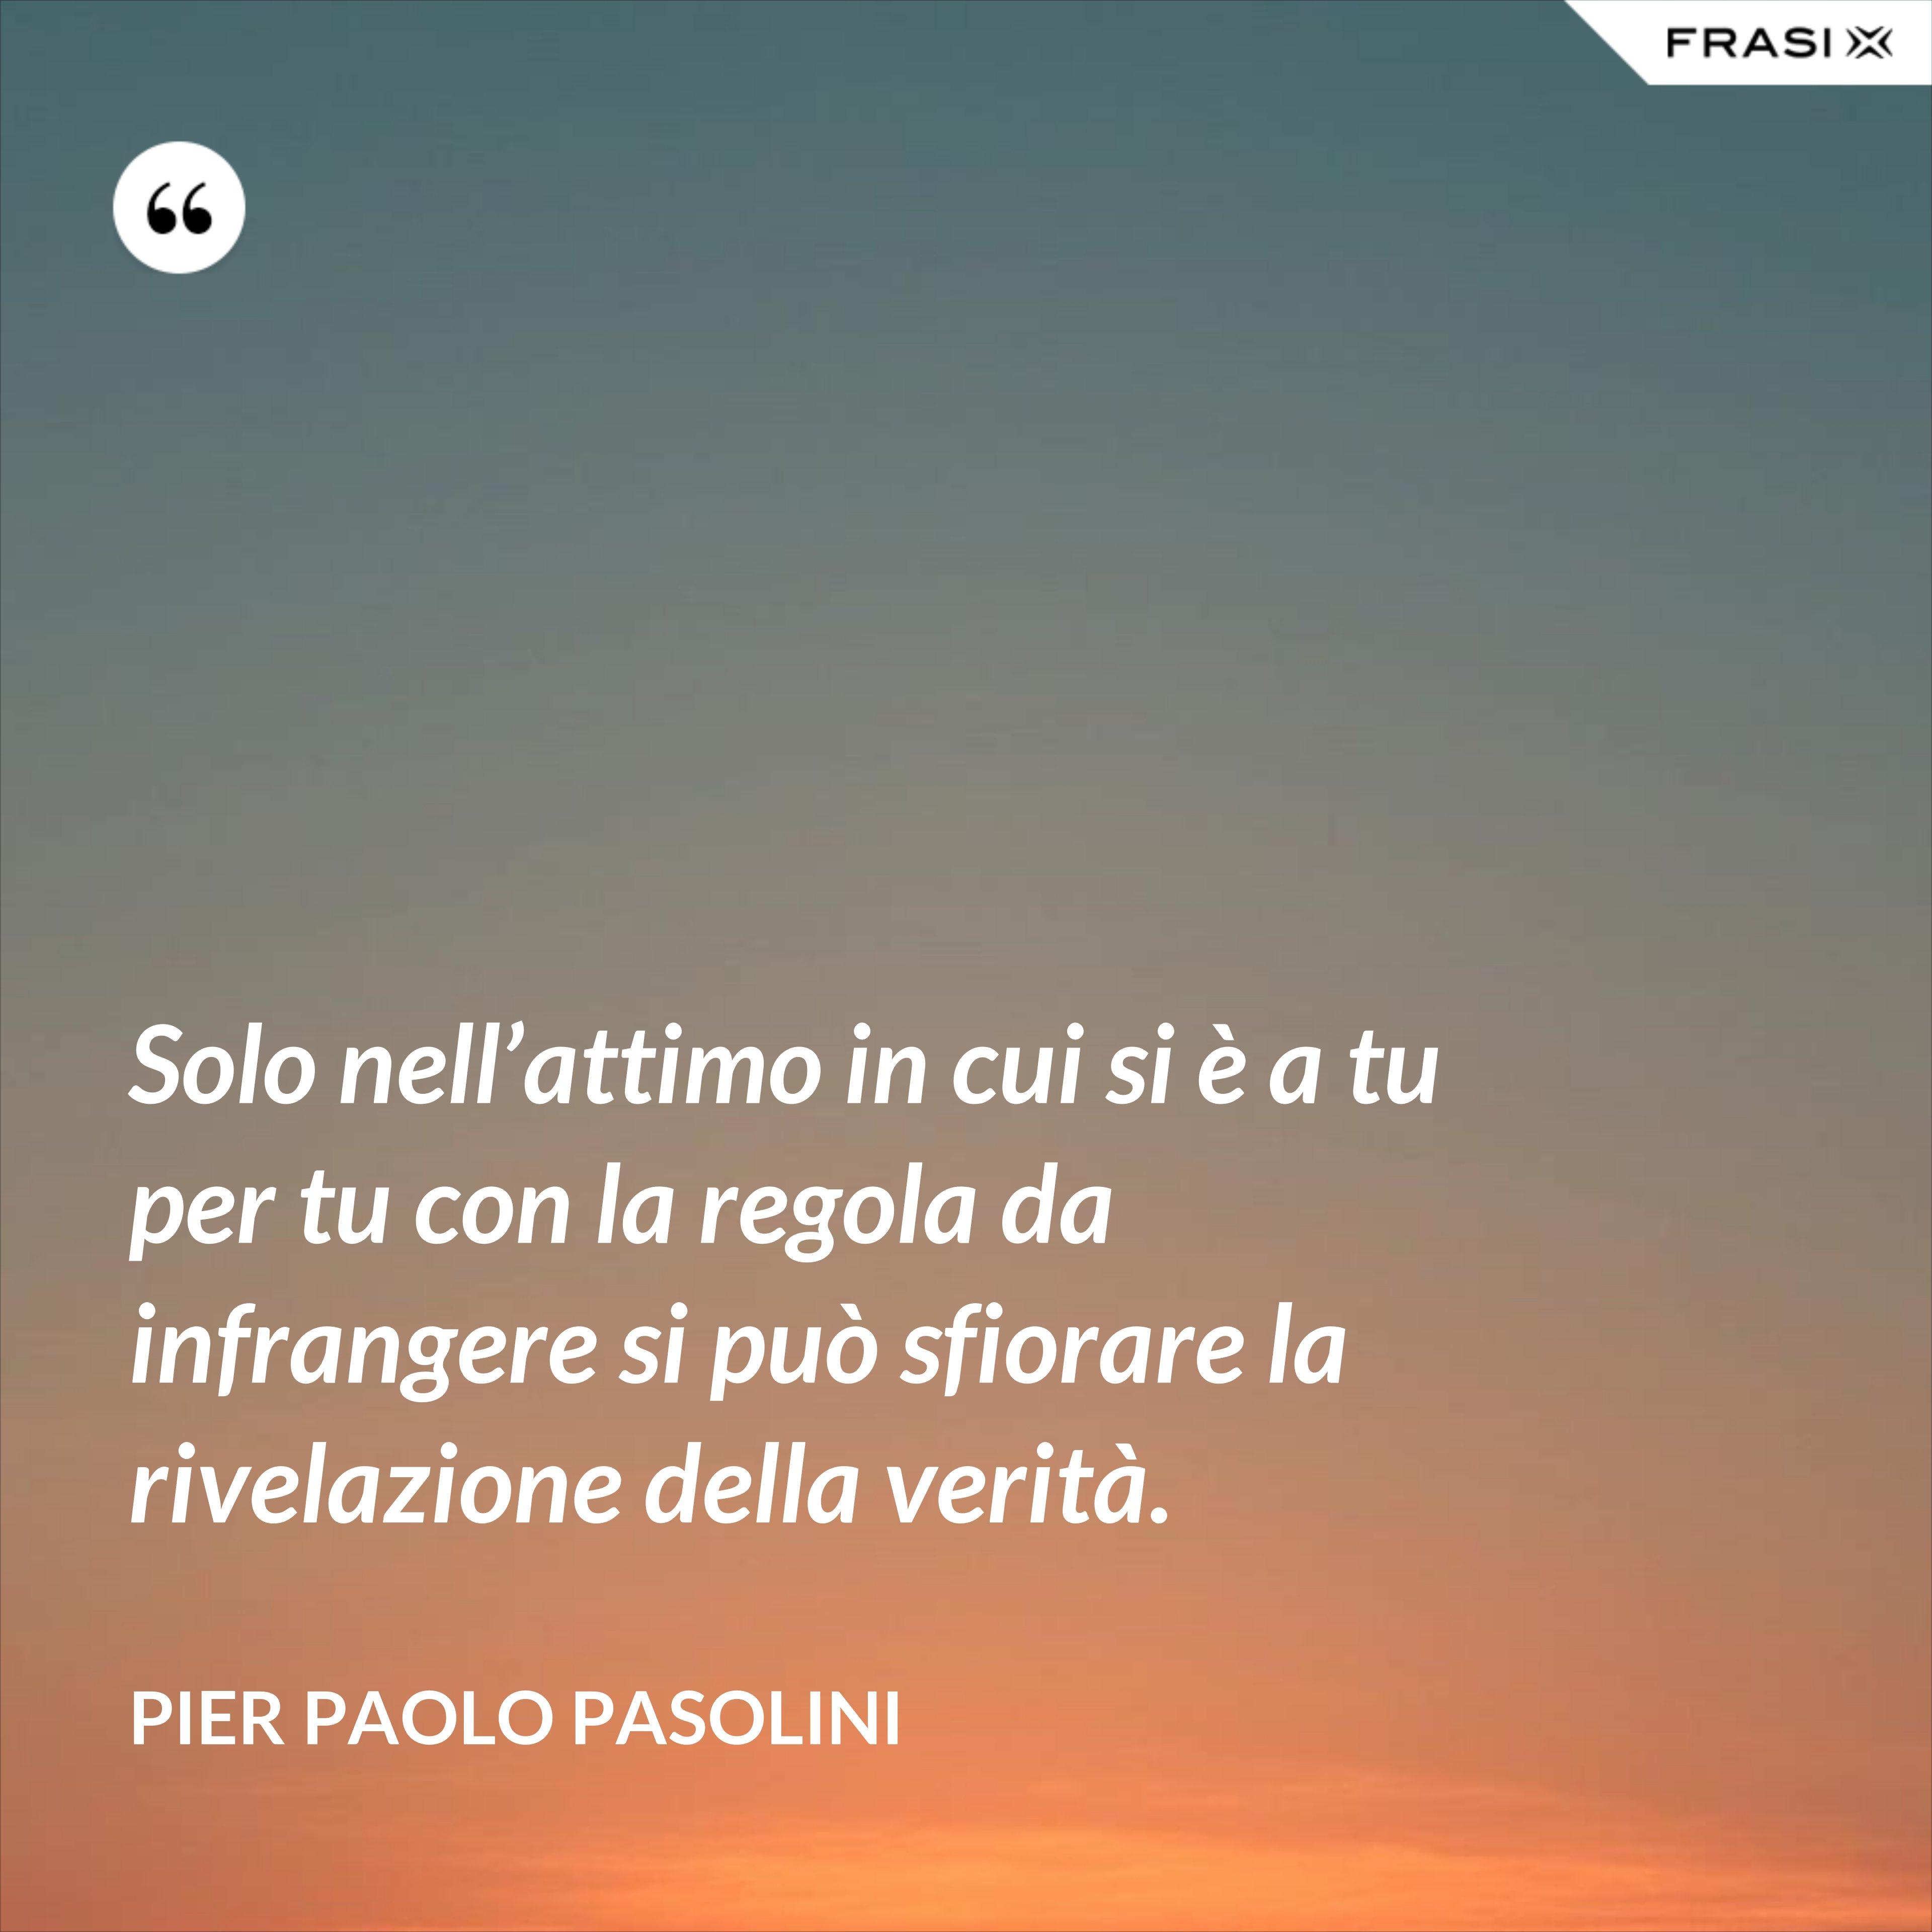 Solo nell'attimo in cui si è a tu per tu con la regola da infrangere si può sfiorare la rivelazione della verità. - Pier Paolo Pasolini